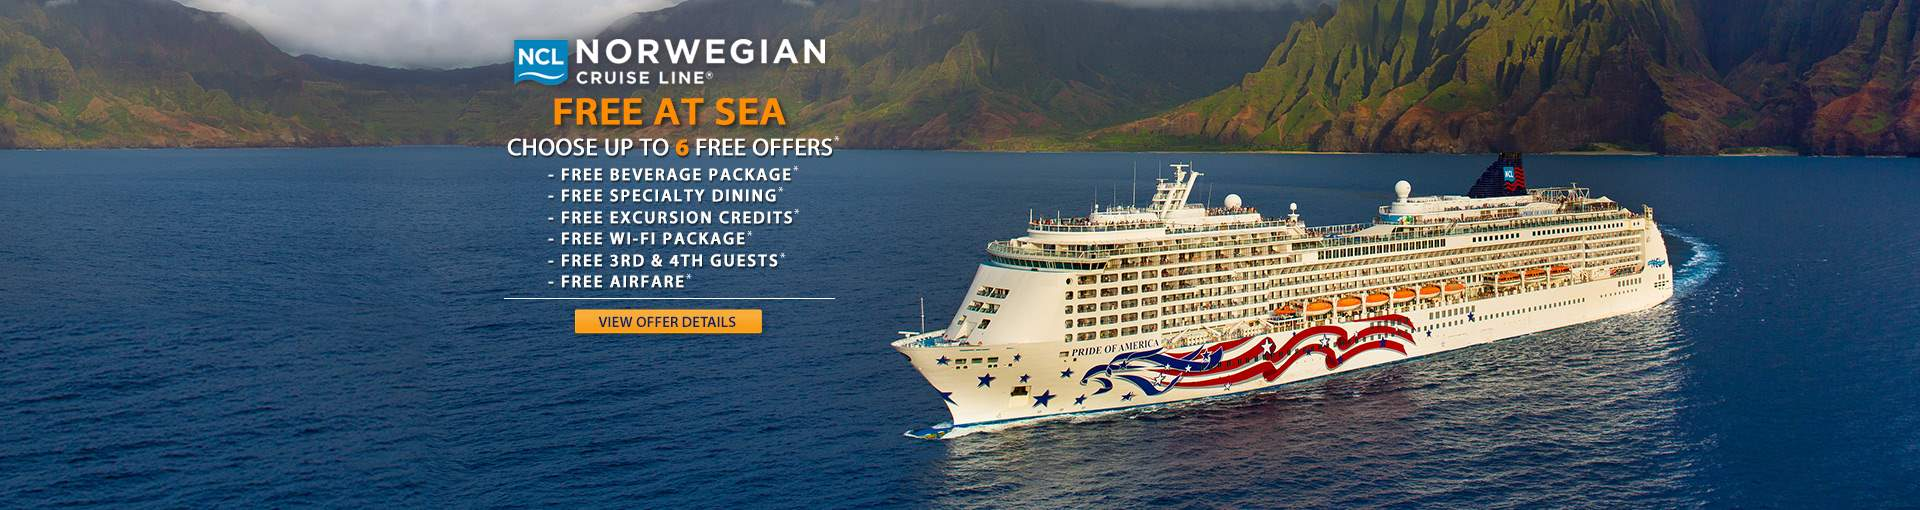 Norwegian Cruise Line: up to 6 Free Perks